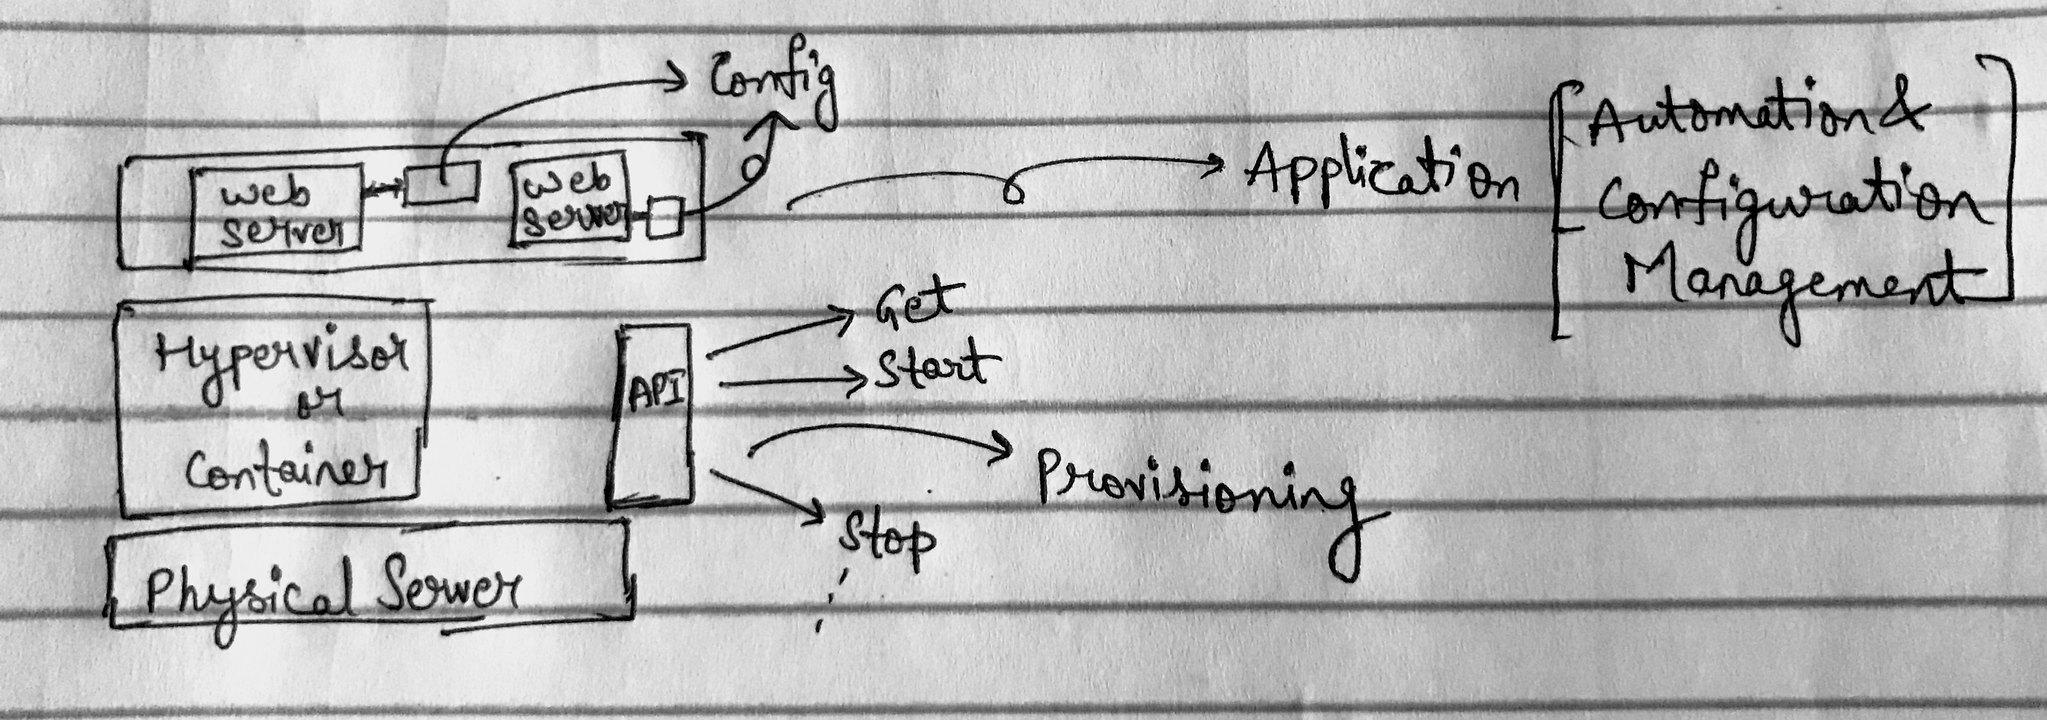 Application Scenario